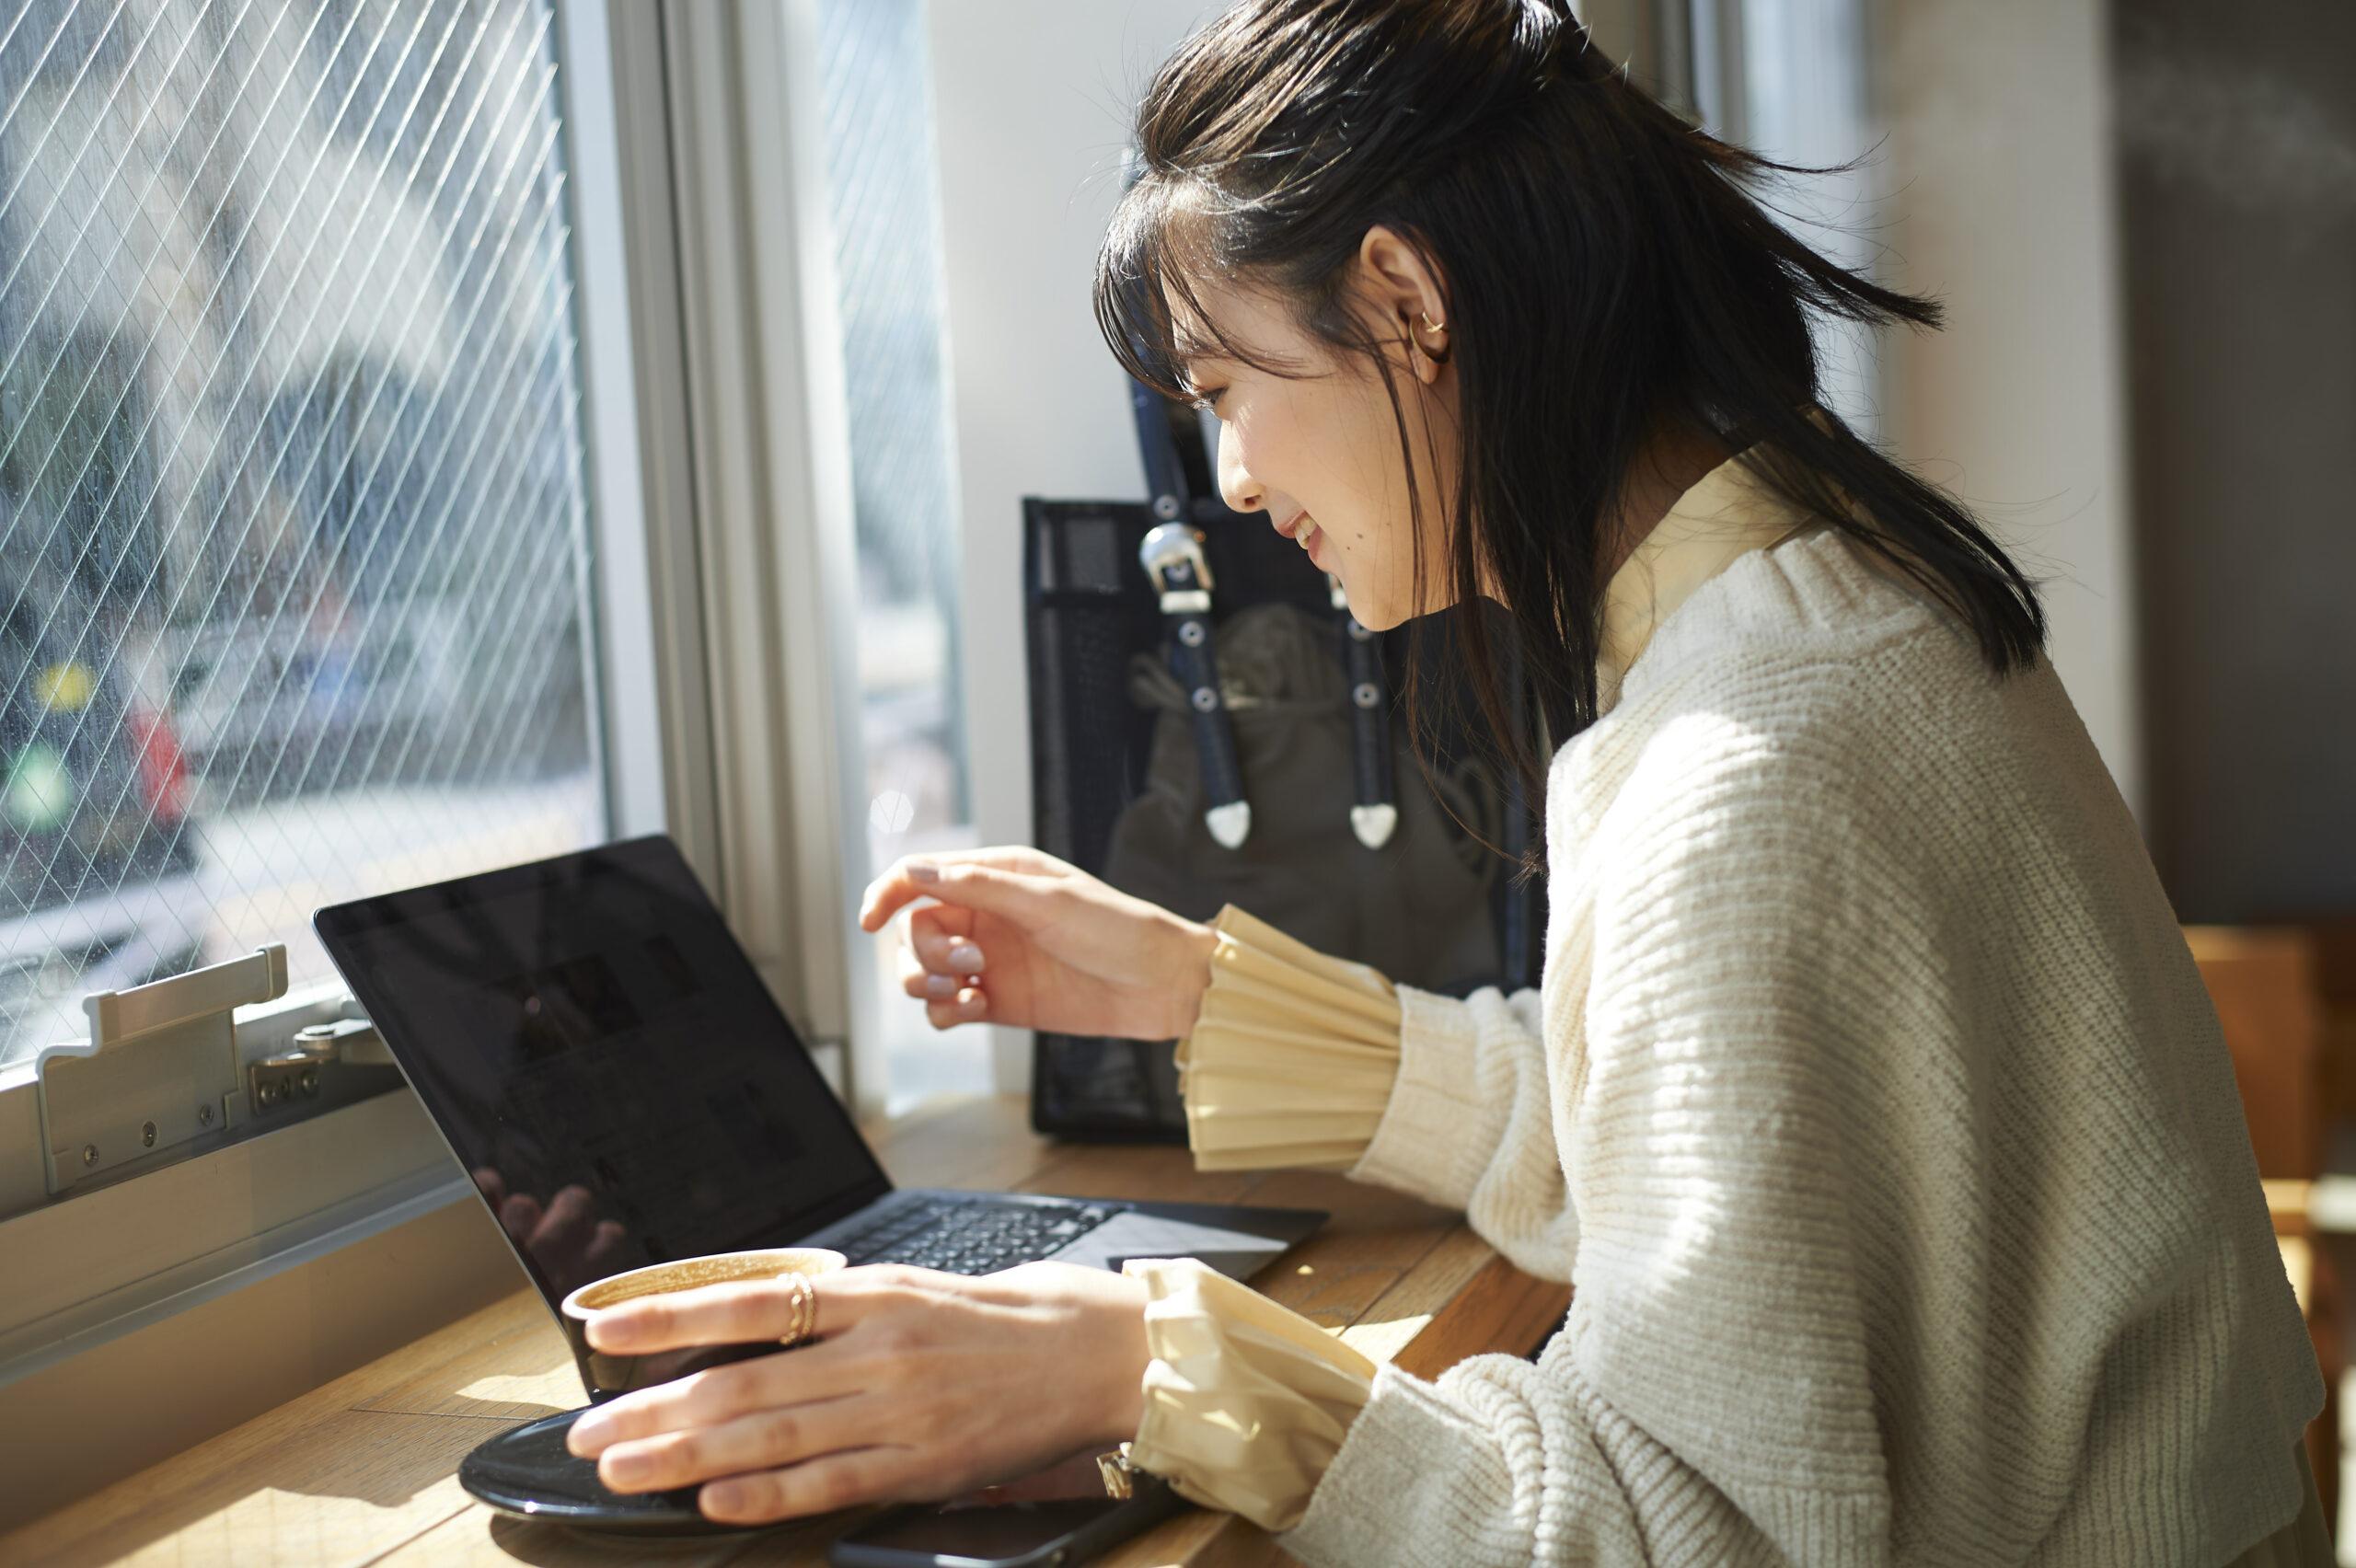 パソコンを観ている女性